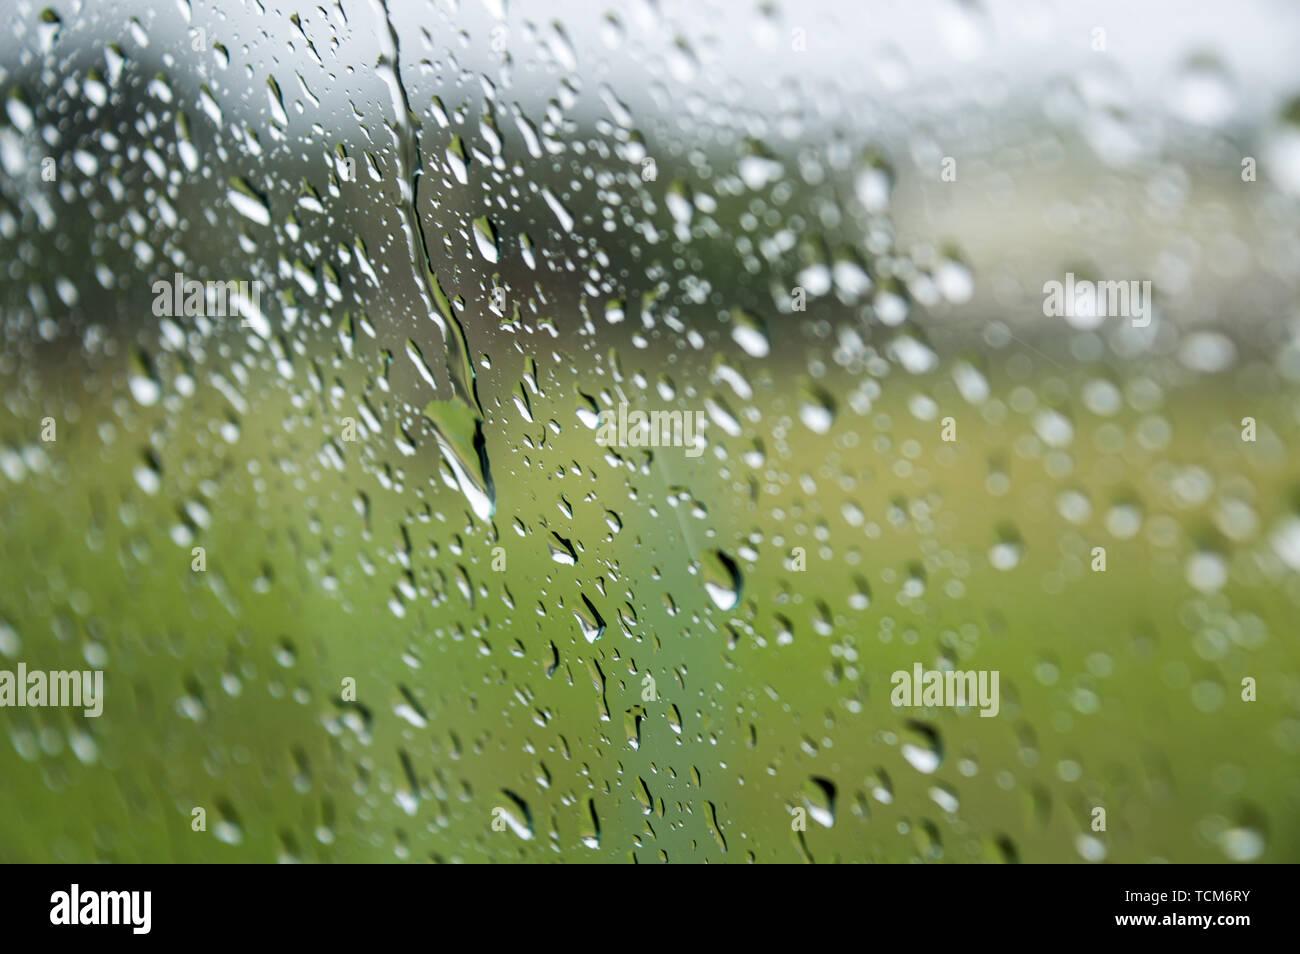 Gouttes de pluie sur une fenêtre Photo Stock